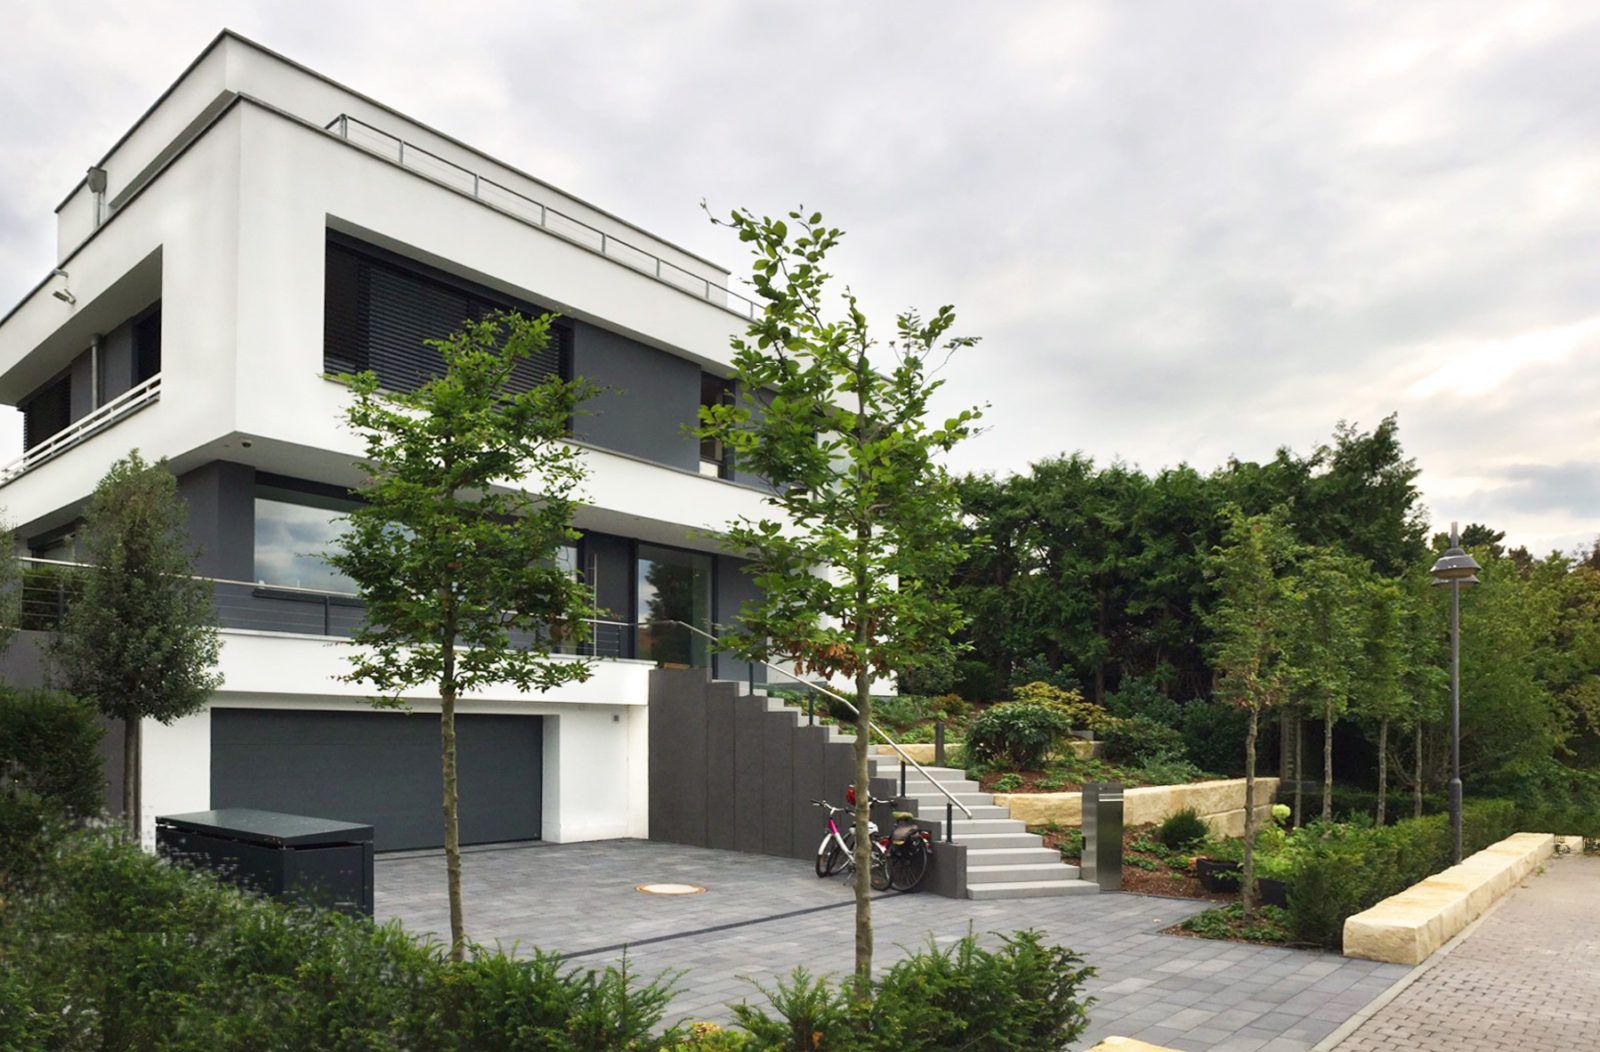 einfamilienhaus moderne architektur in hanglage 5 100 1 vote